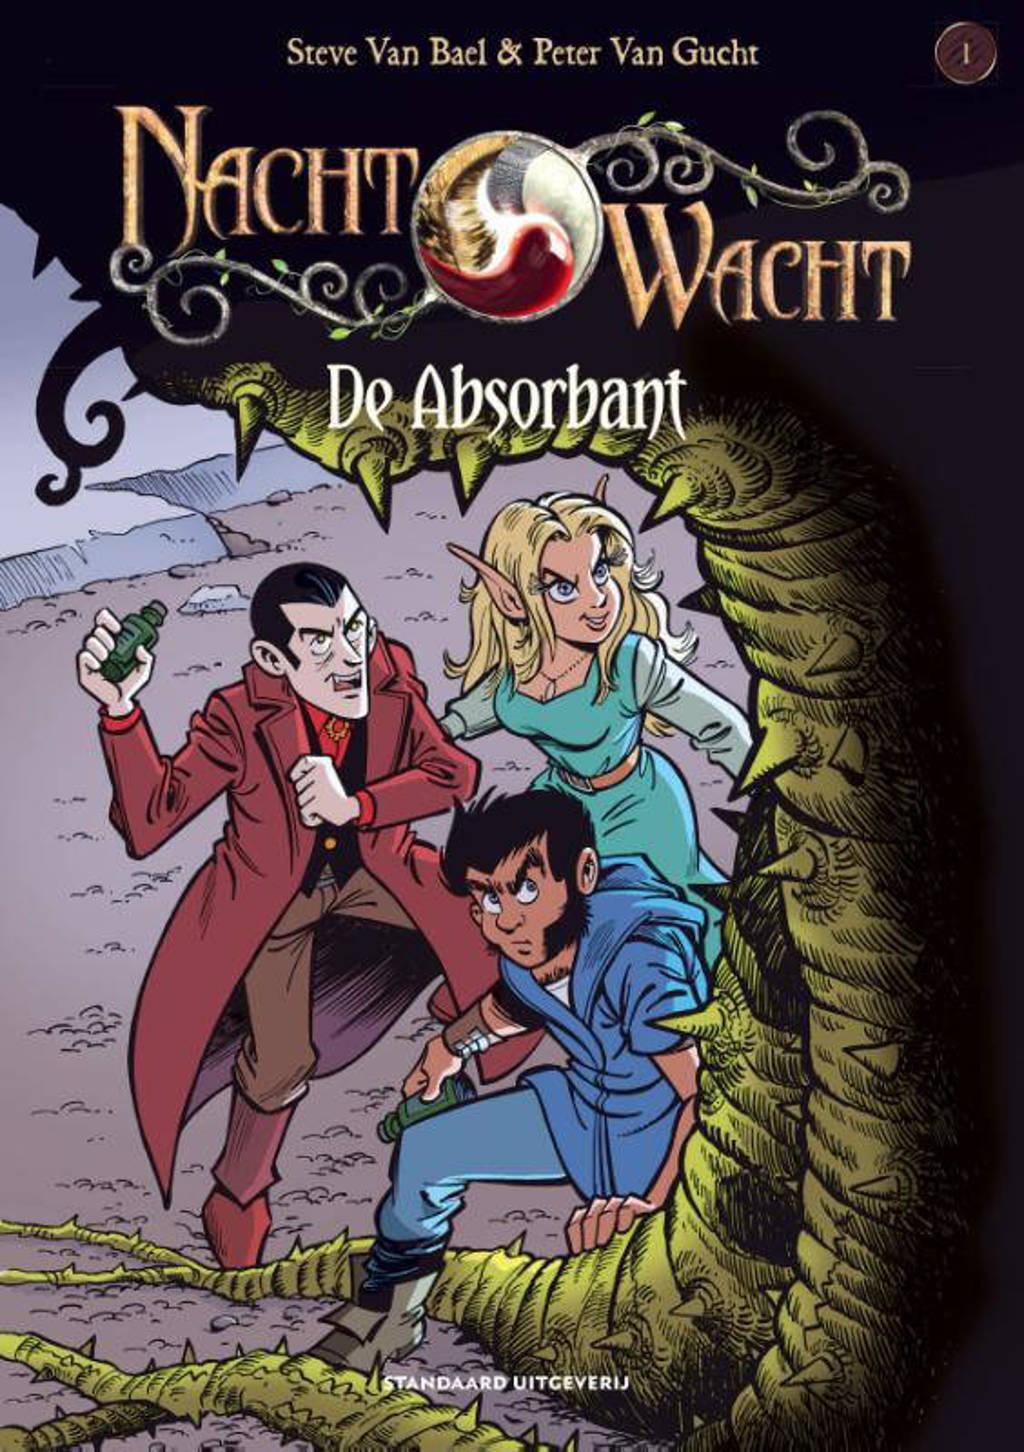 Nachtwacht: De Absorbant - Steve Van Bael en Peter Van Gught